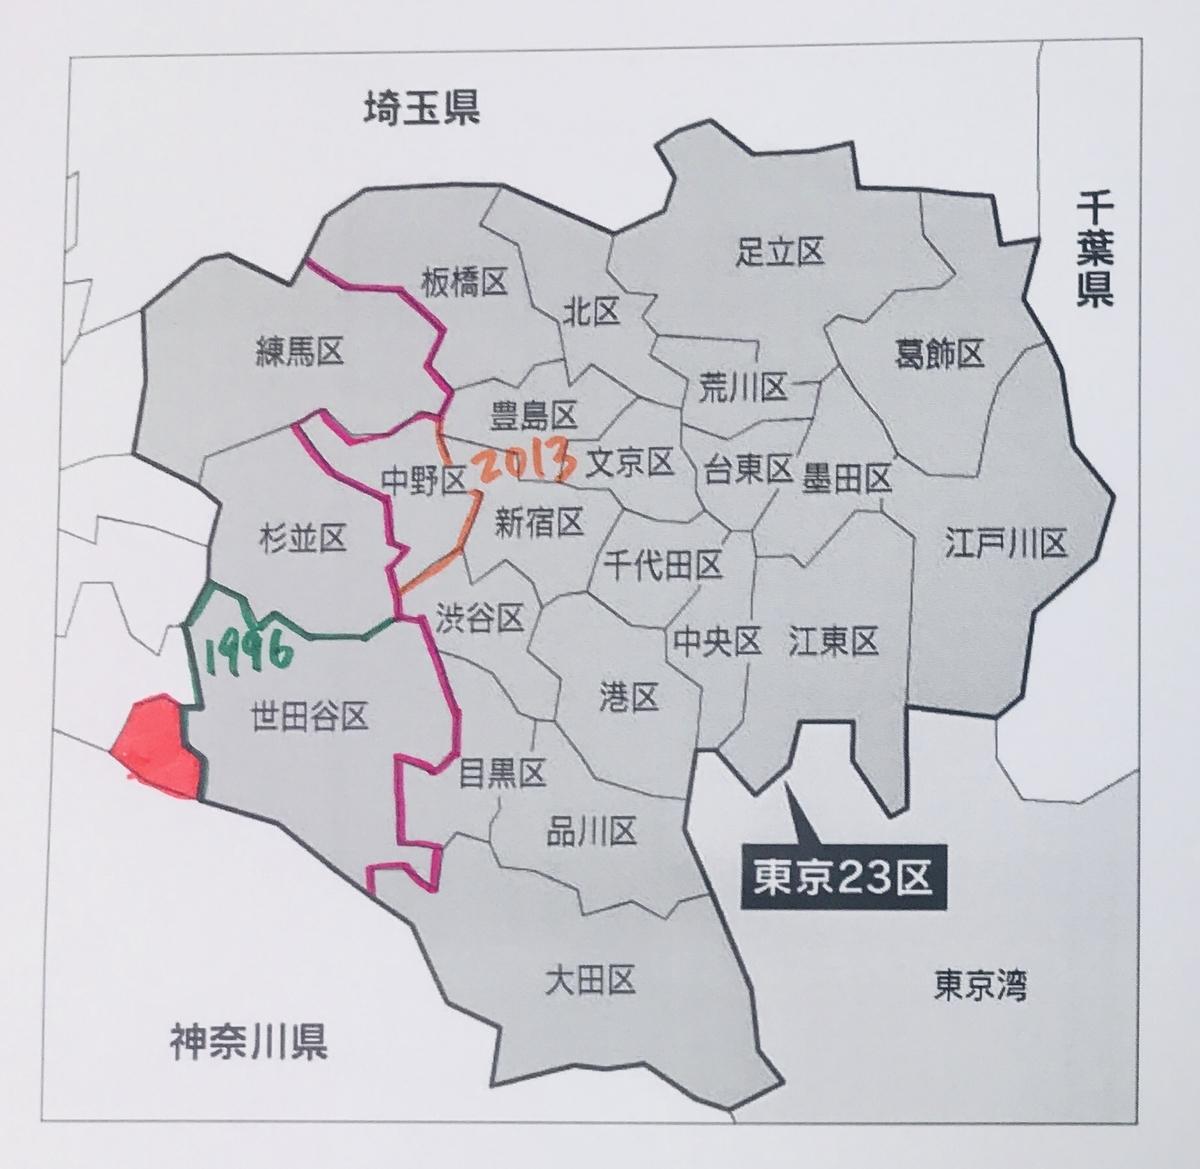 f:id:kikuchiroshi:20200731132658j:plain